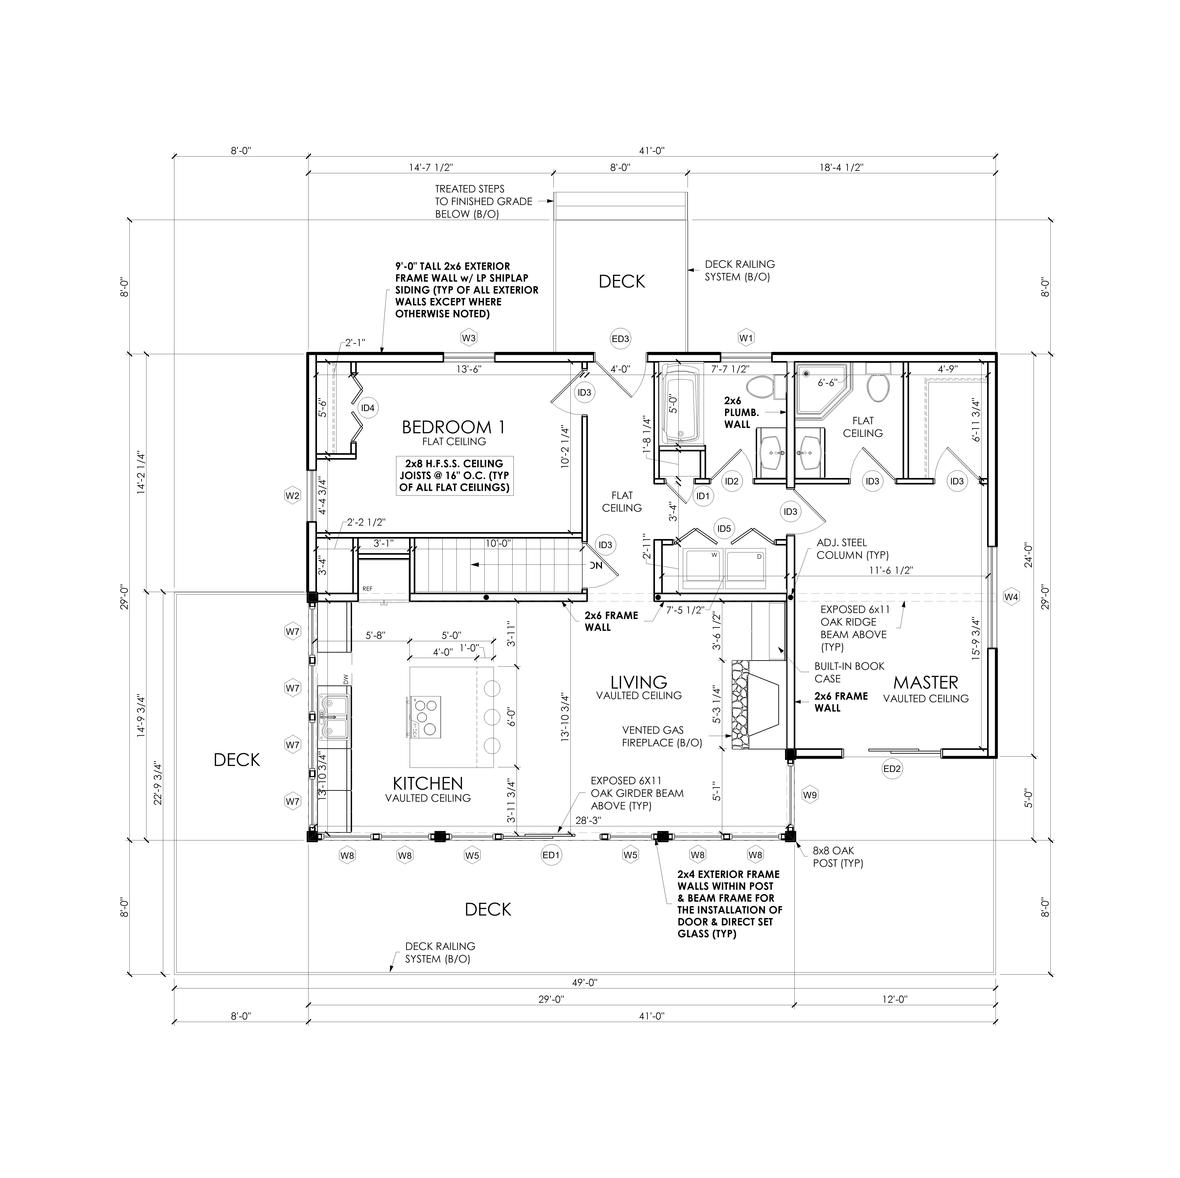 Caycedo 1st Floor Plan